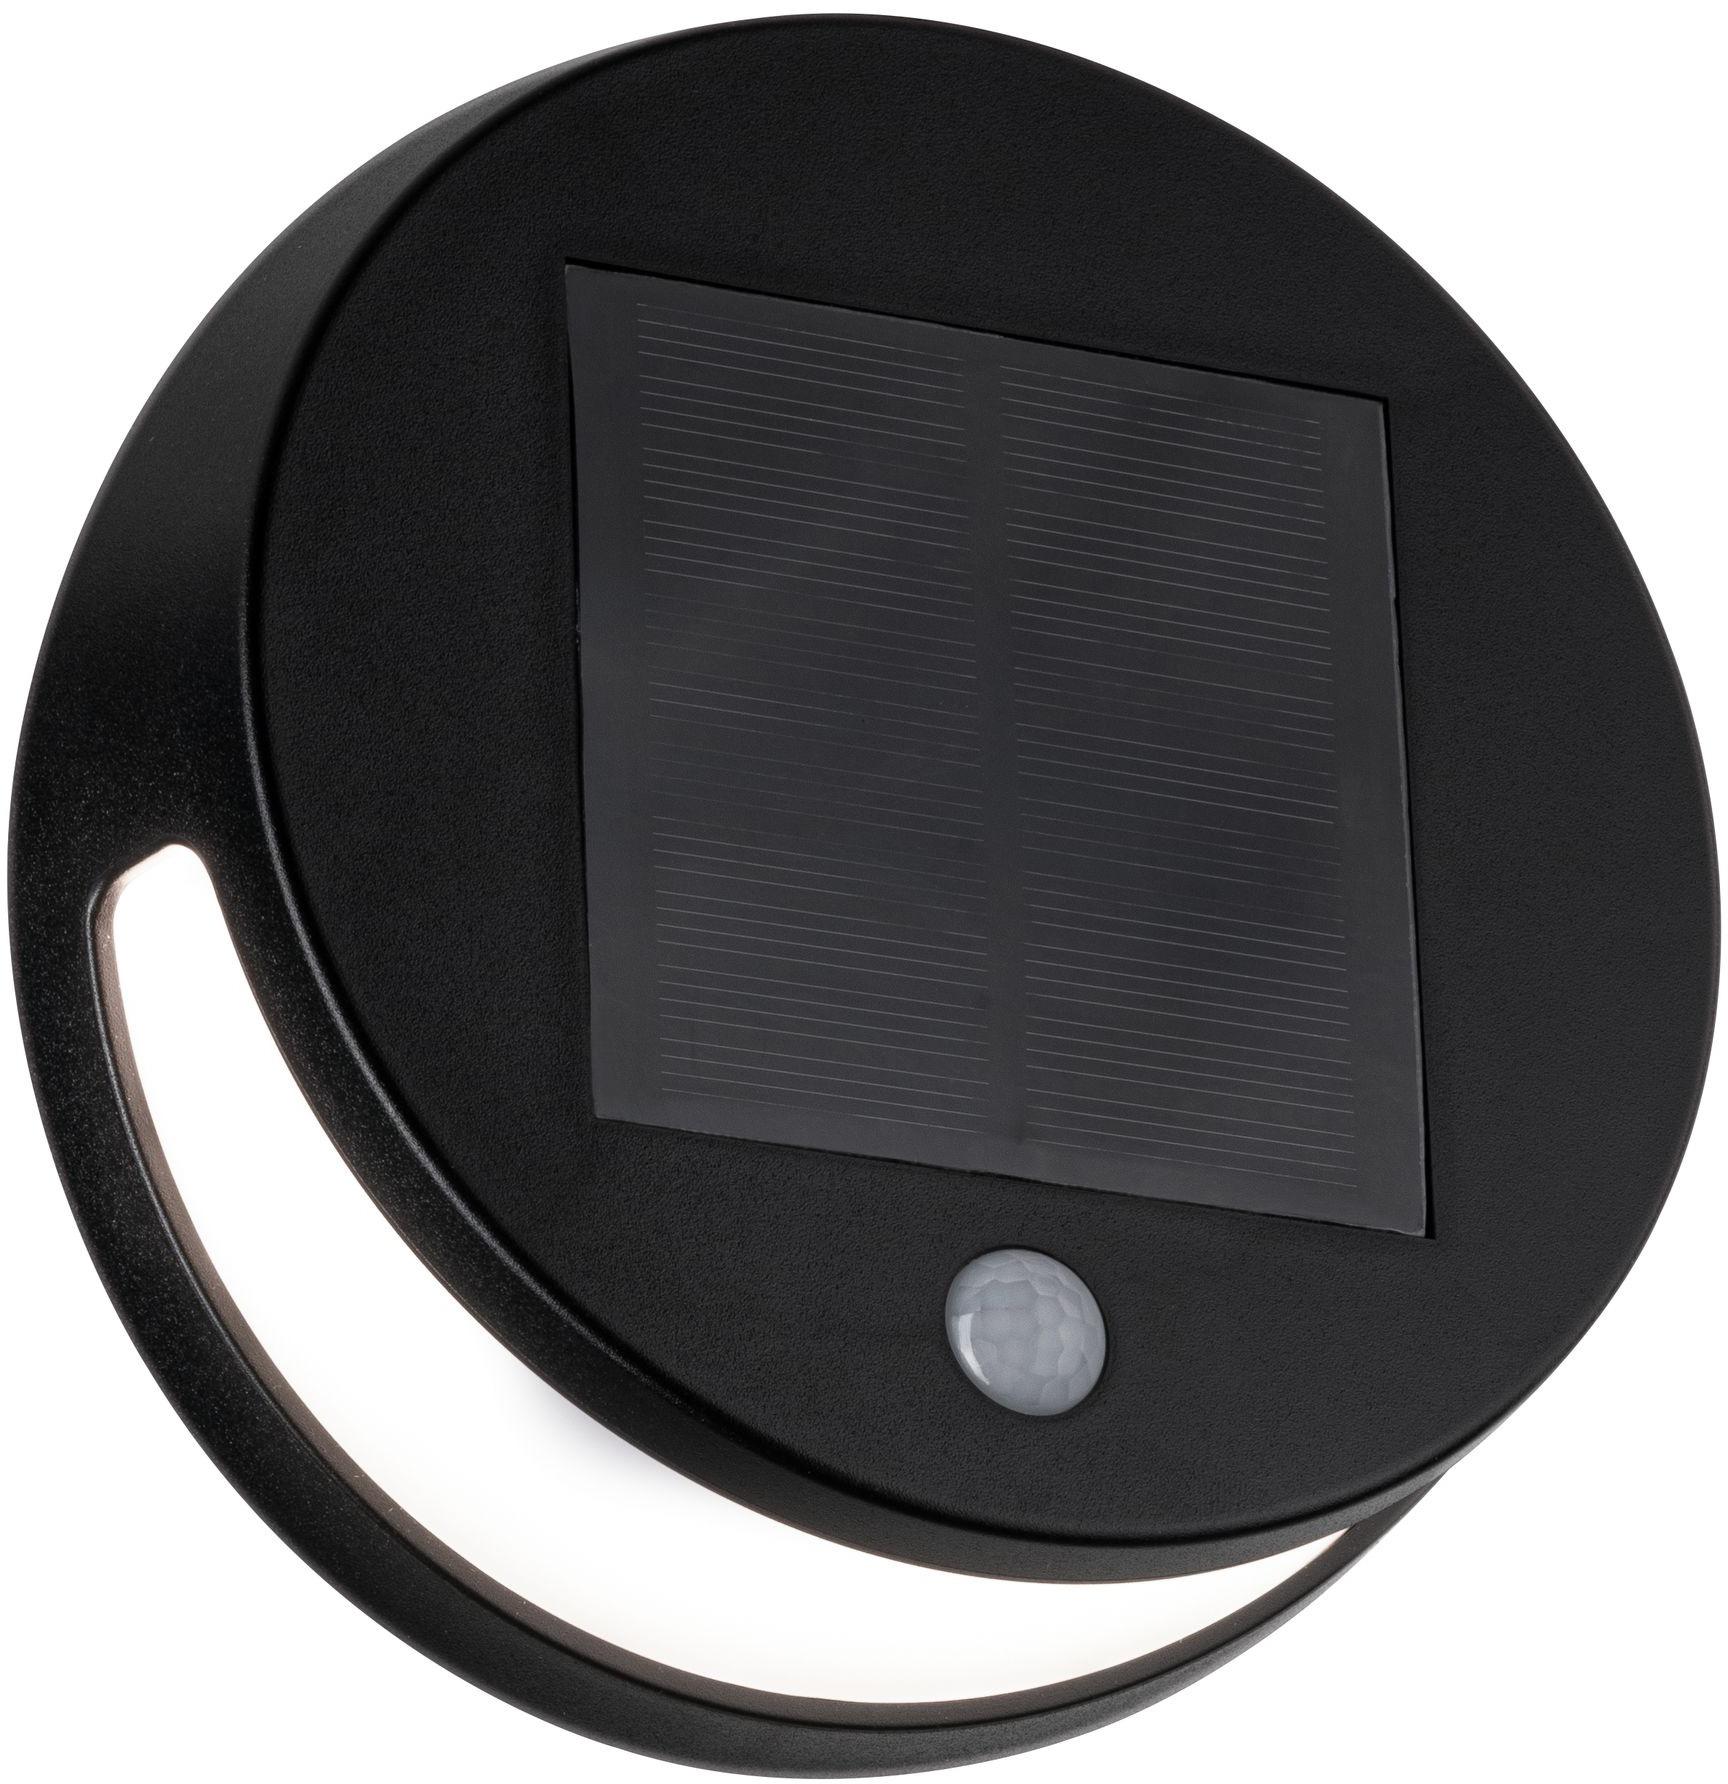 Paulmann LED Außen-Wandleuchte Helena, LED-Board, 1 St., Warmweiß, Solar, mit Bewegungsmelder